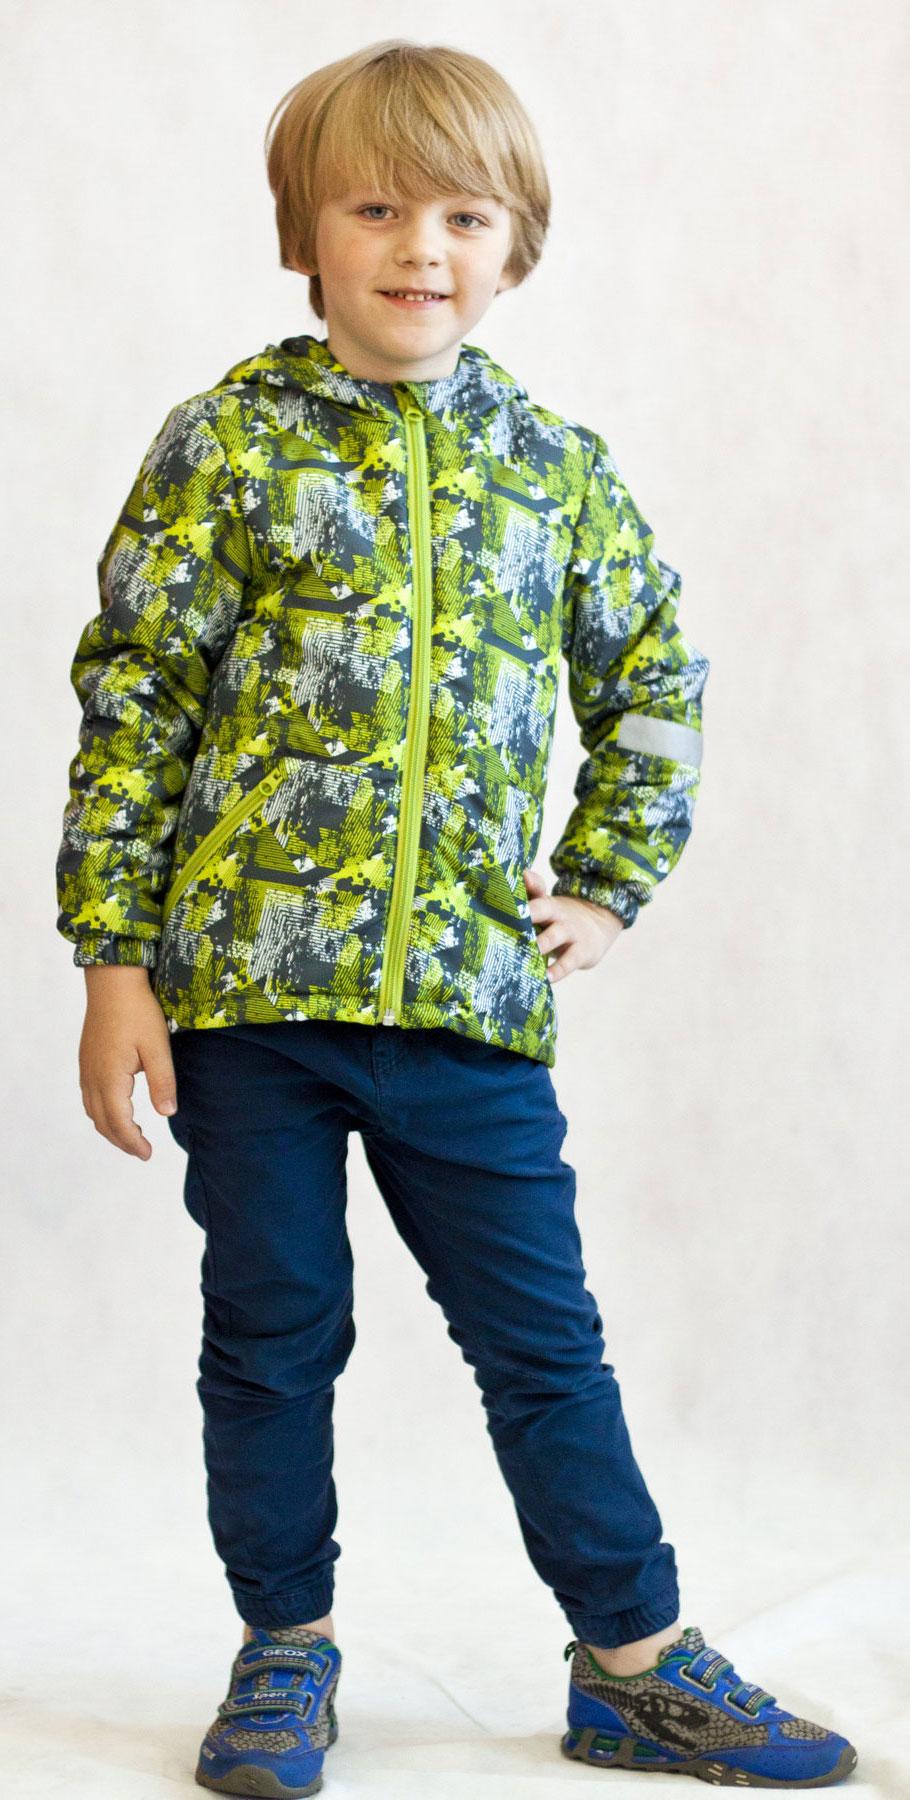 Куртка2К1719Легкая и удобная весенняя куртка для юных модников от Jicco By Oldos. Благодаря утеплителю плотностью 100 г/м2 куртку можно носить при температуре +10…-5 С. Она прекрасно защитит от ветра и весеннего дождика. Куртка имеет все самое необходимое для комфортной носки. Внутренняя ветрозащитная планка по всей длине молнии с защитой подбородка от прищемления. Низ куртки регулируется по ширине. Капюшон не съемный, для лучшего прилегания по краям вшита резинка. Манжеты присобраны на резинку. Есть светоотражающие элементы и карманы на молнии.